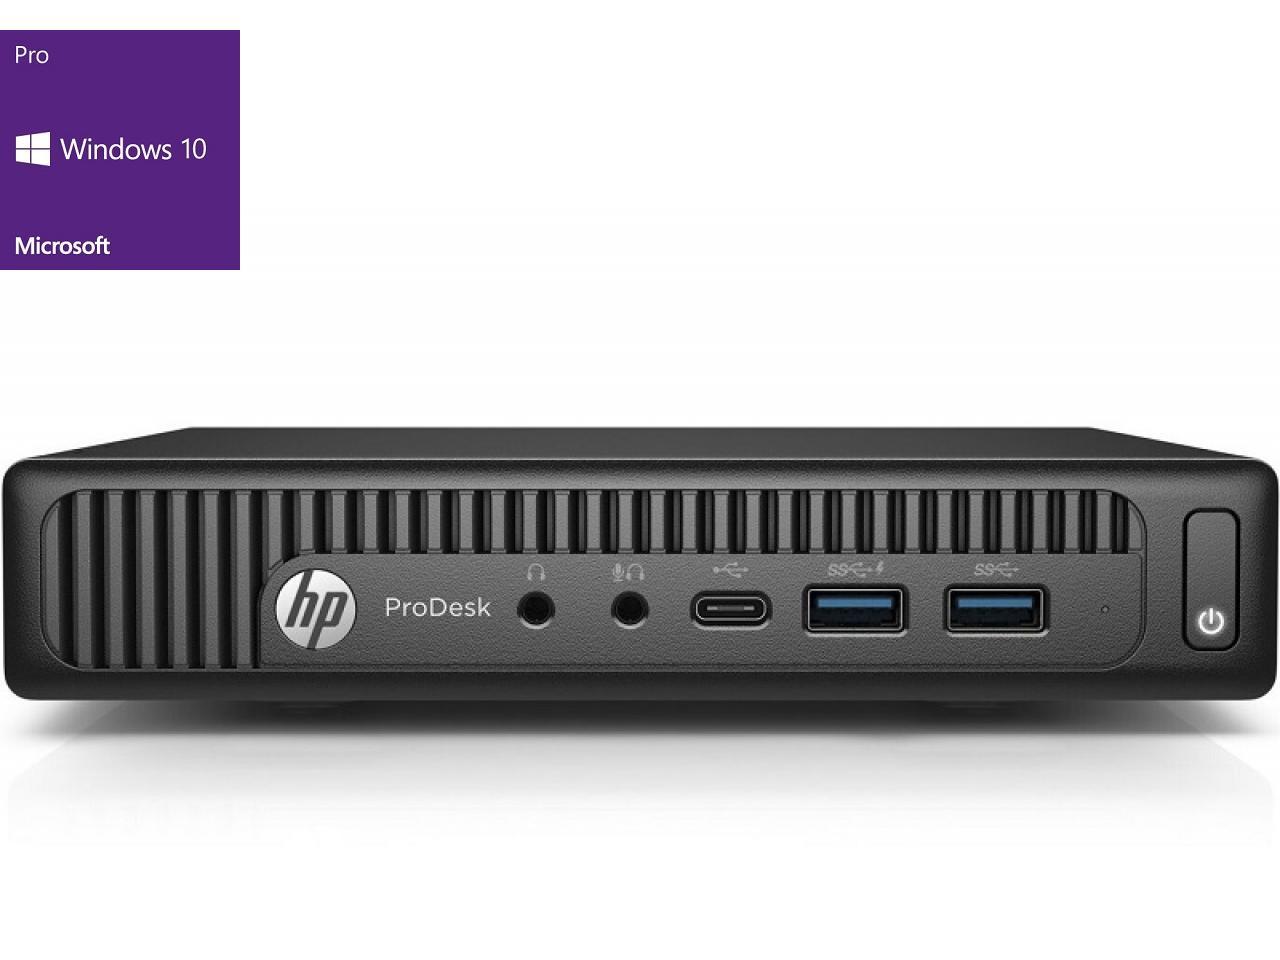 Hewlett Packard ProDesk 600 G2 DM MP  - shop.bb-net.de